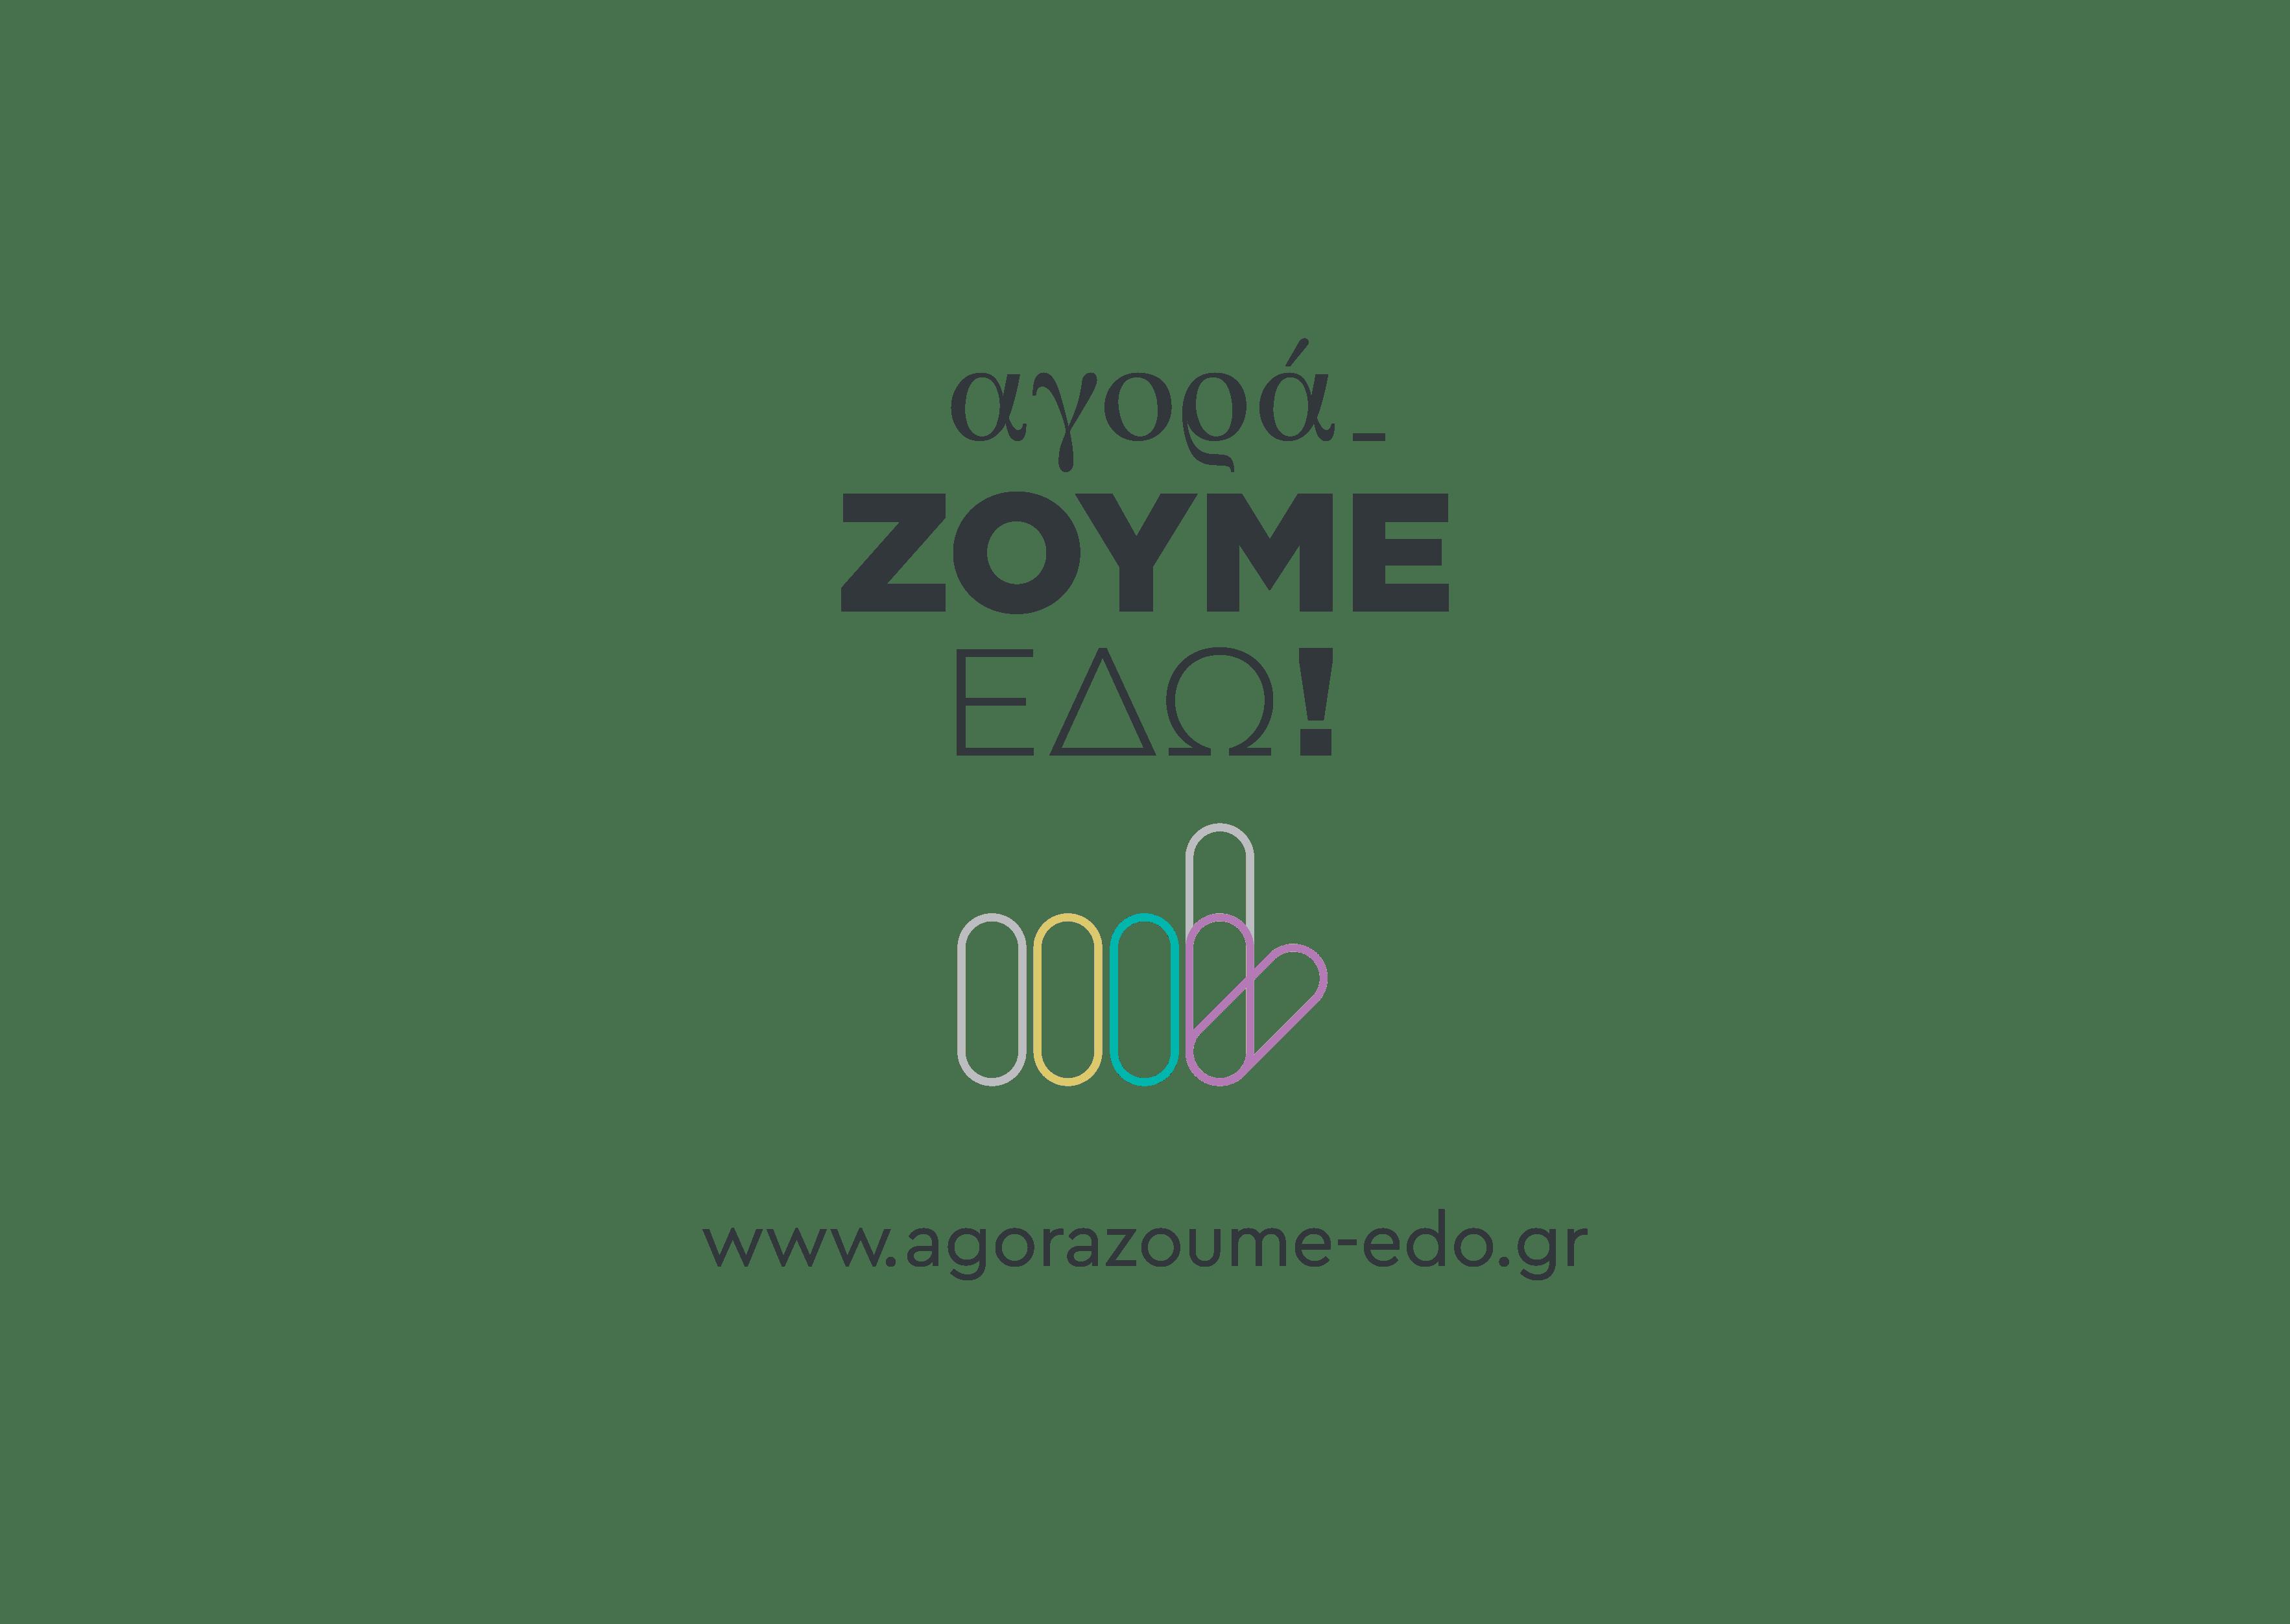 Agorazoume_Edo_Logo_Color_trnsp